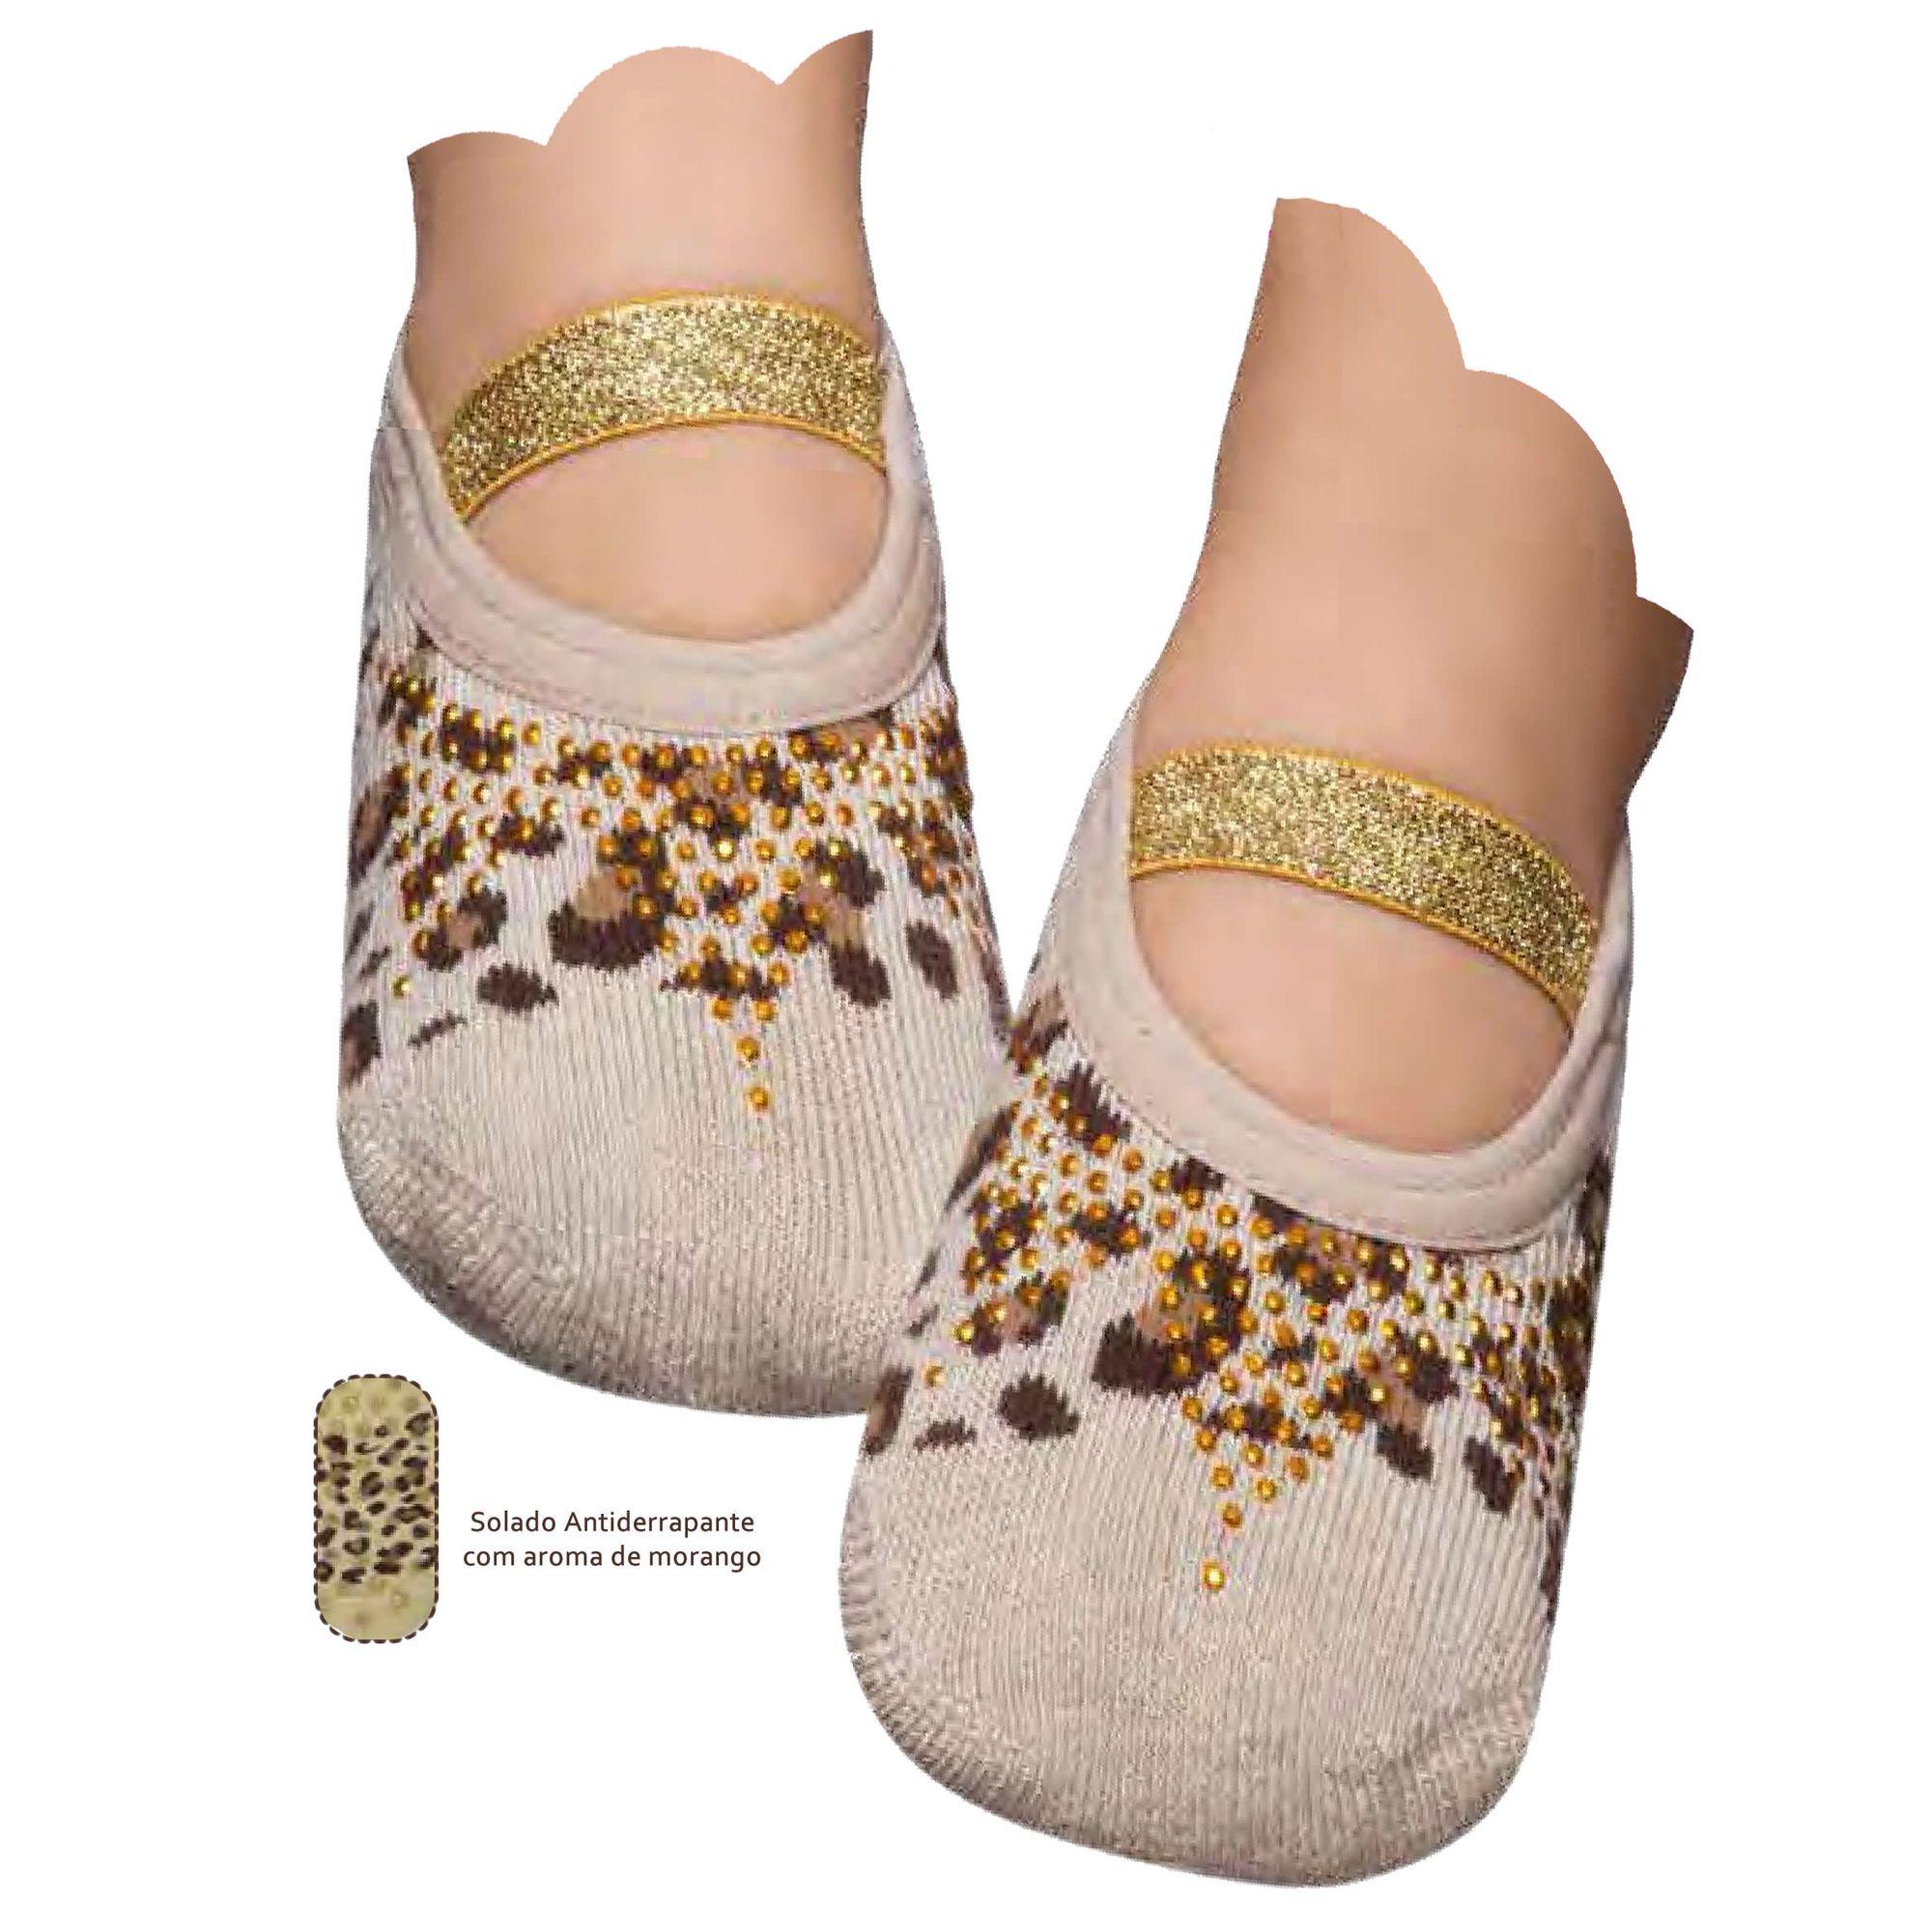 meia-sapatilha-boneca-kids-princesa-estampa-oncinha-com-dourado-puket